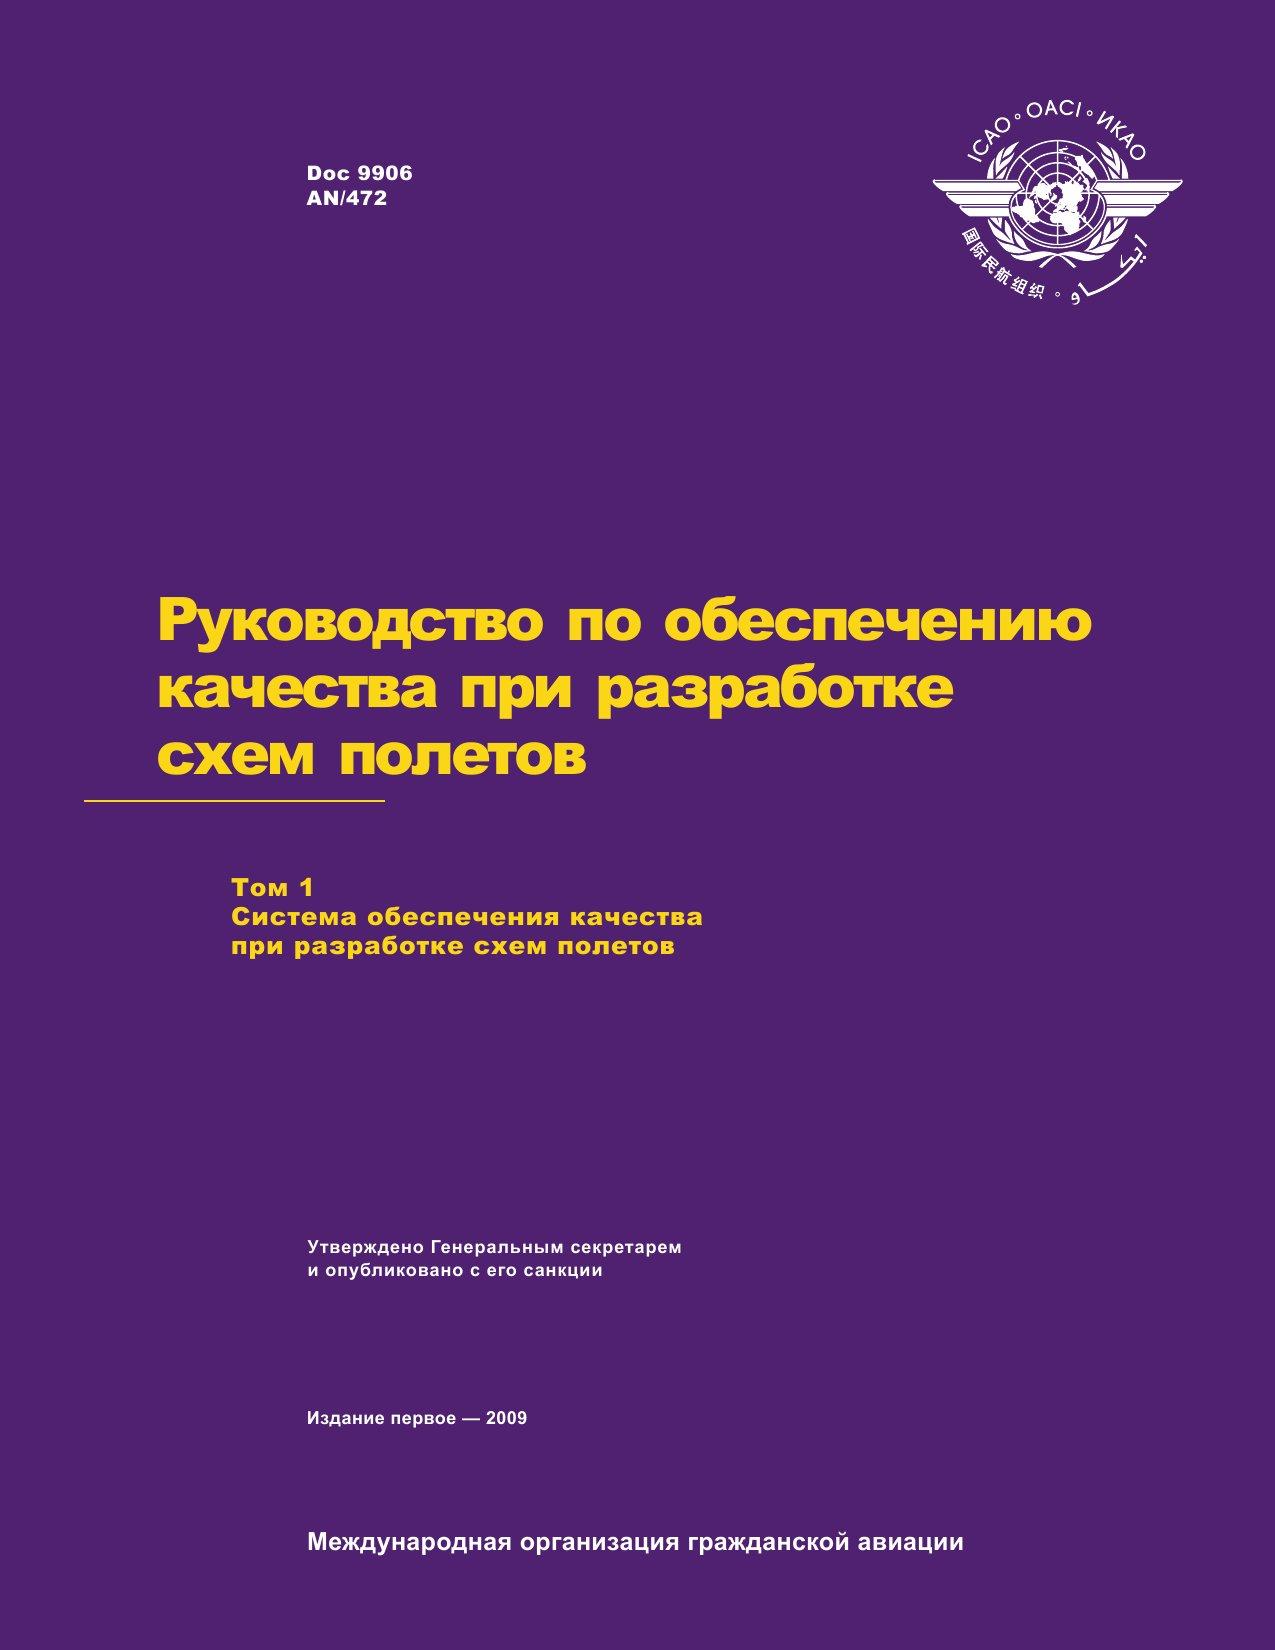 ICAO Doc 9906 Руководство по обеспечению качества при разработке схем полетов. Том I. Система обеспечения качества при разработке схем полетов.